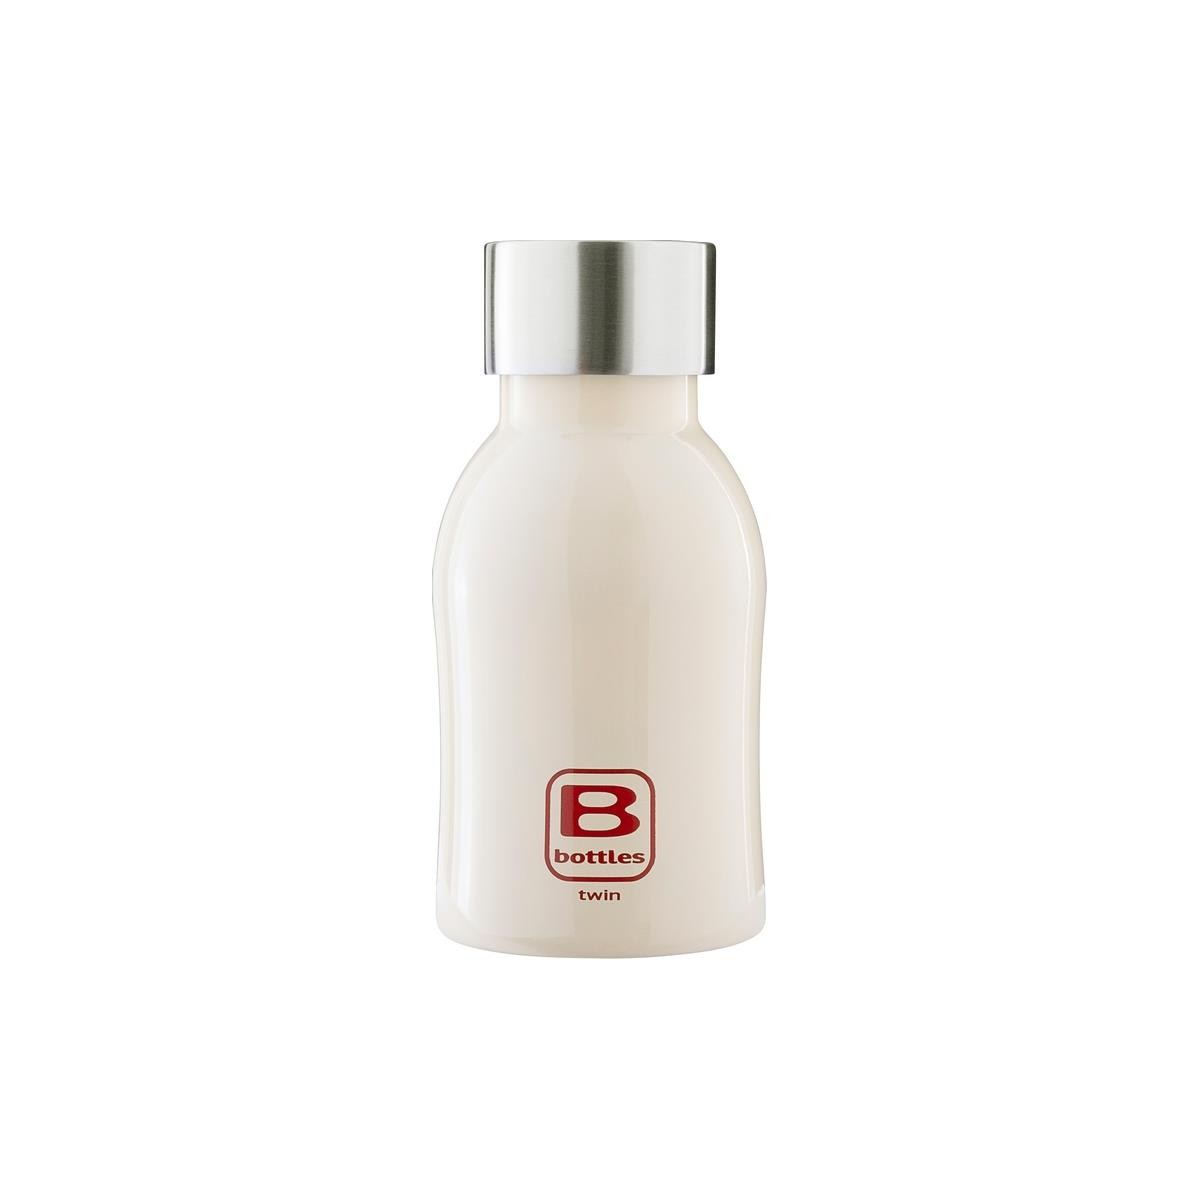 B Bottles Twin - Cream - 250 ml - Bottiglia Termica a doppia parete in acciaio inox 18/10